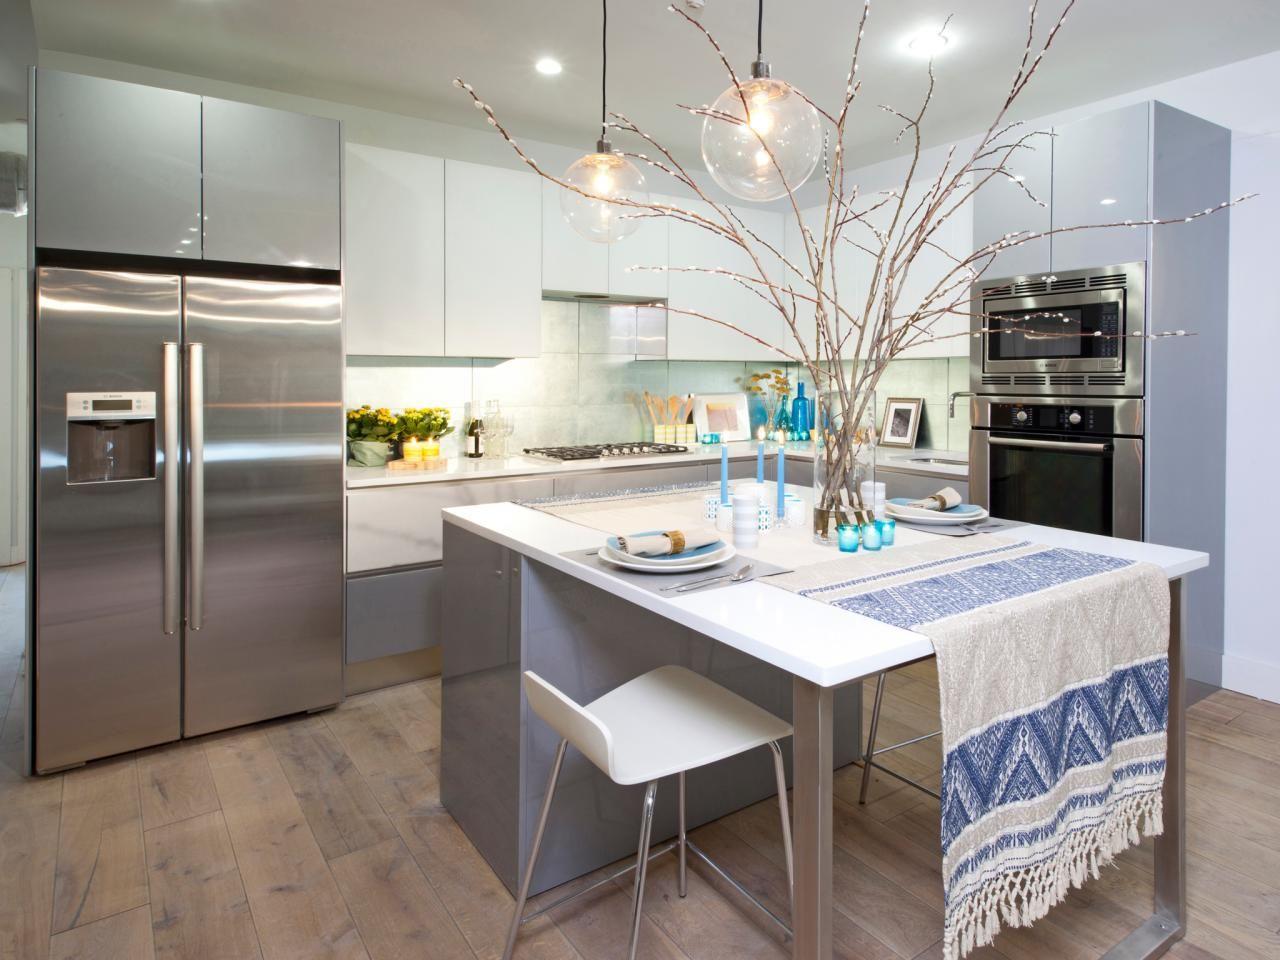 Küche Erneuerung Dies ist die neueste Informationen auf die Küche ...